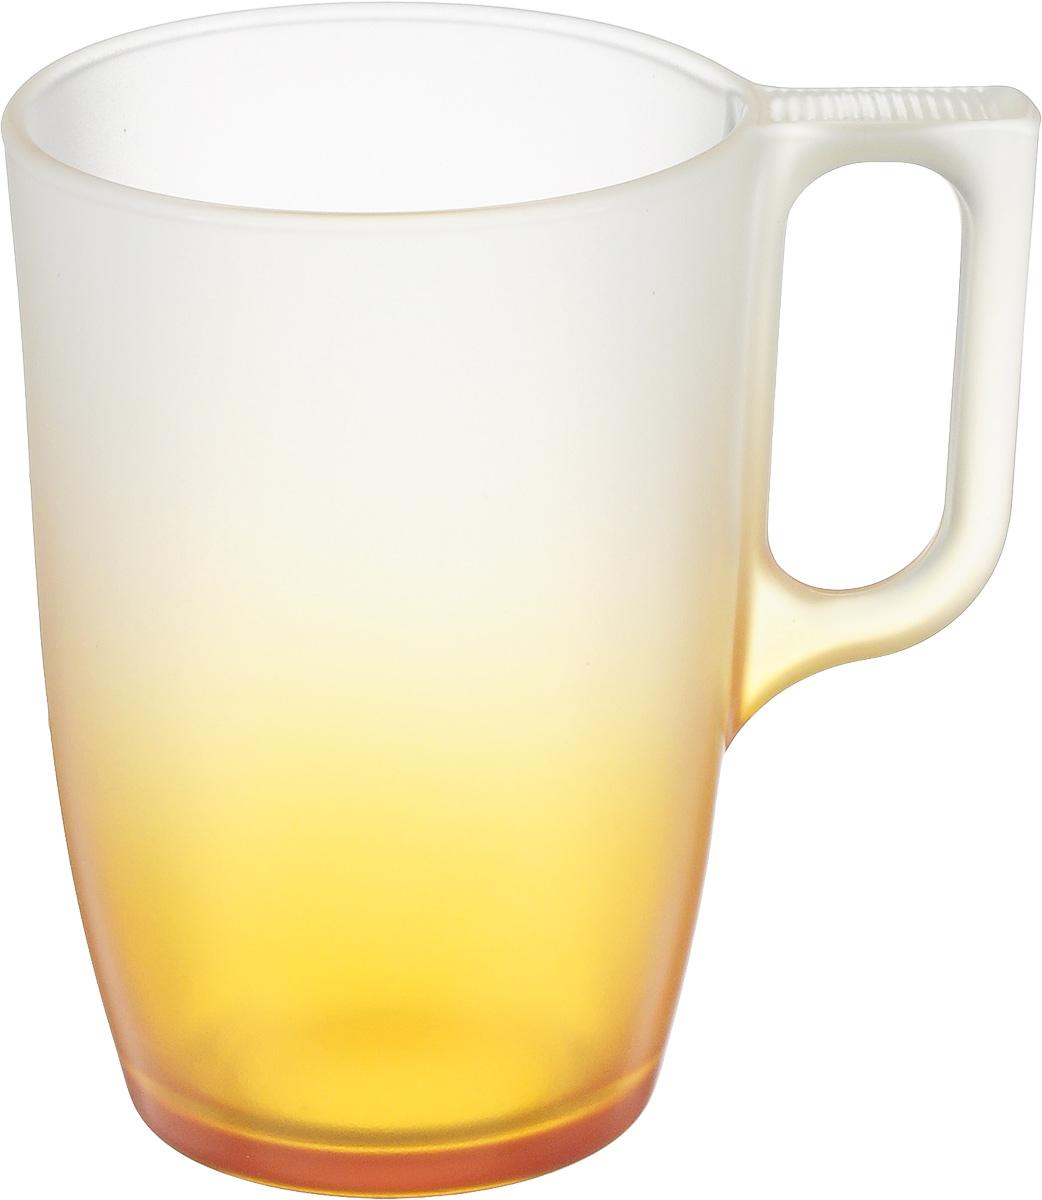 Кружка Luminarc Maritsa Orange, 320 млJ7690Кружка Luminarc Maritsa Orange изготовлена из упрочненного стекла. Такая кружка прекрасно подойдет для горячих и холодных напитков. Она дополнит коллекцию вашей кухонной посуды и будет служить долгие годы. Можно использовать в микроволновой печи и мыть в посудомоечной машине.Диаметр кружки (по верхнему краю): 7,7 см. Высота стенки кружки: 11,2 см.Бренд Luminarc - это один из лидеров мирового рынка по производству посуды и товаров для дома. В основе процесса изготовления лежит высококачественное сырье, а также строгий контроль качества.